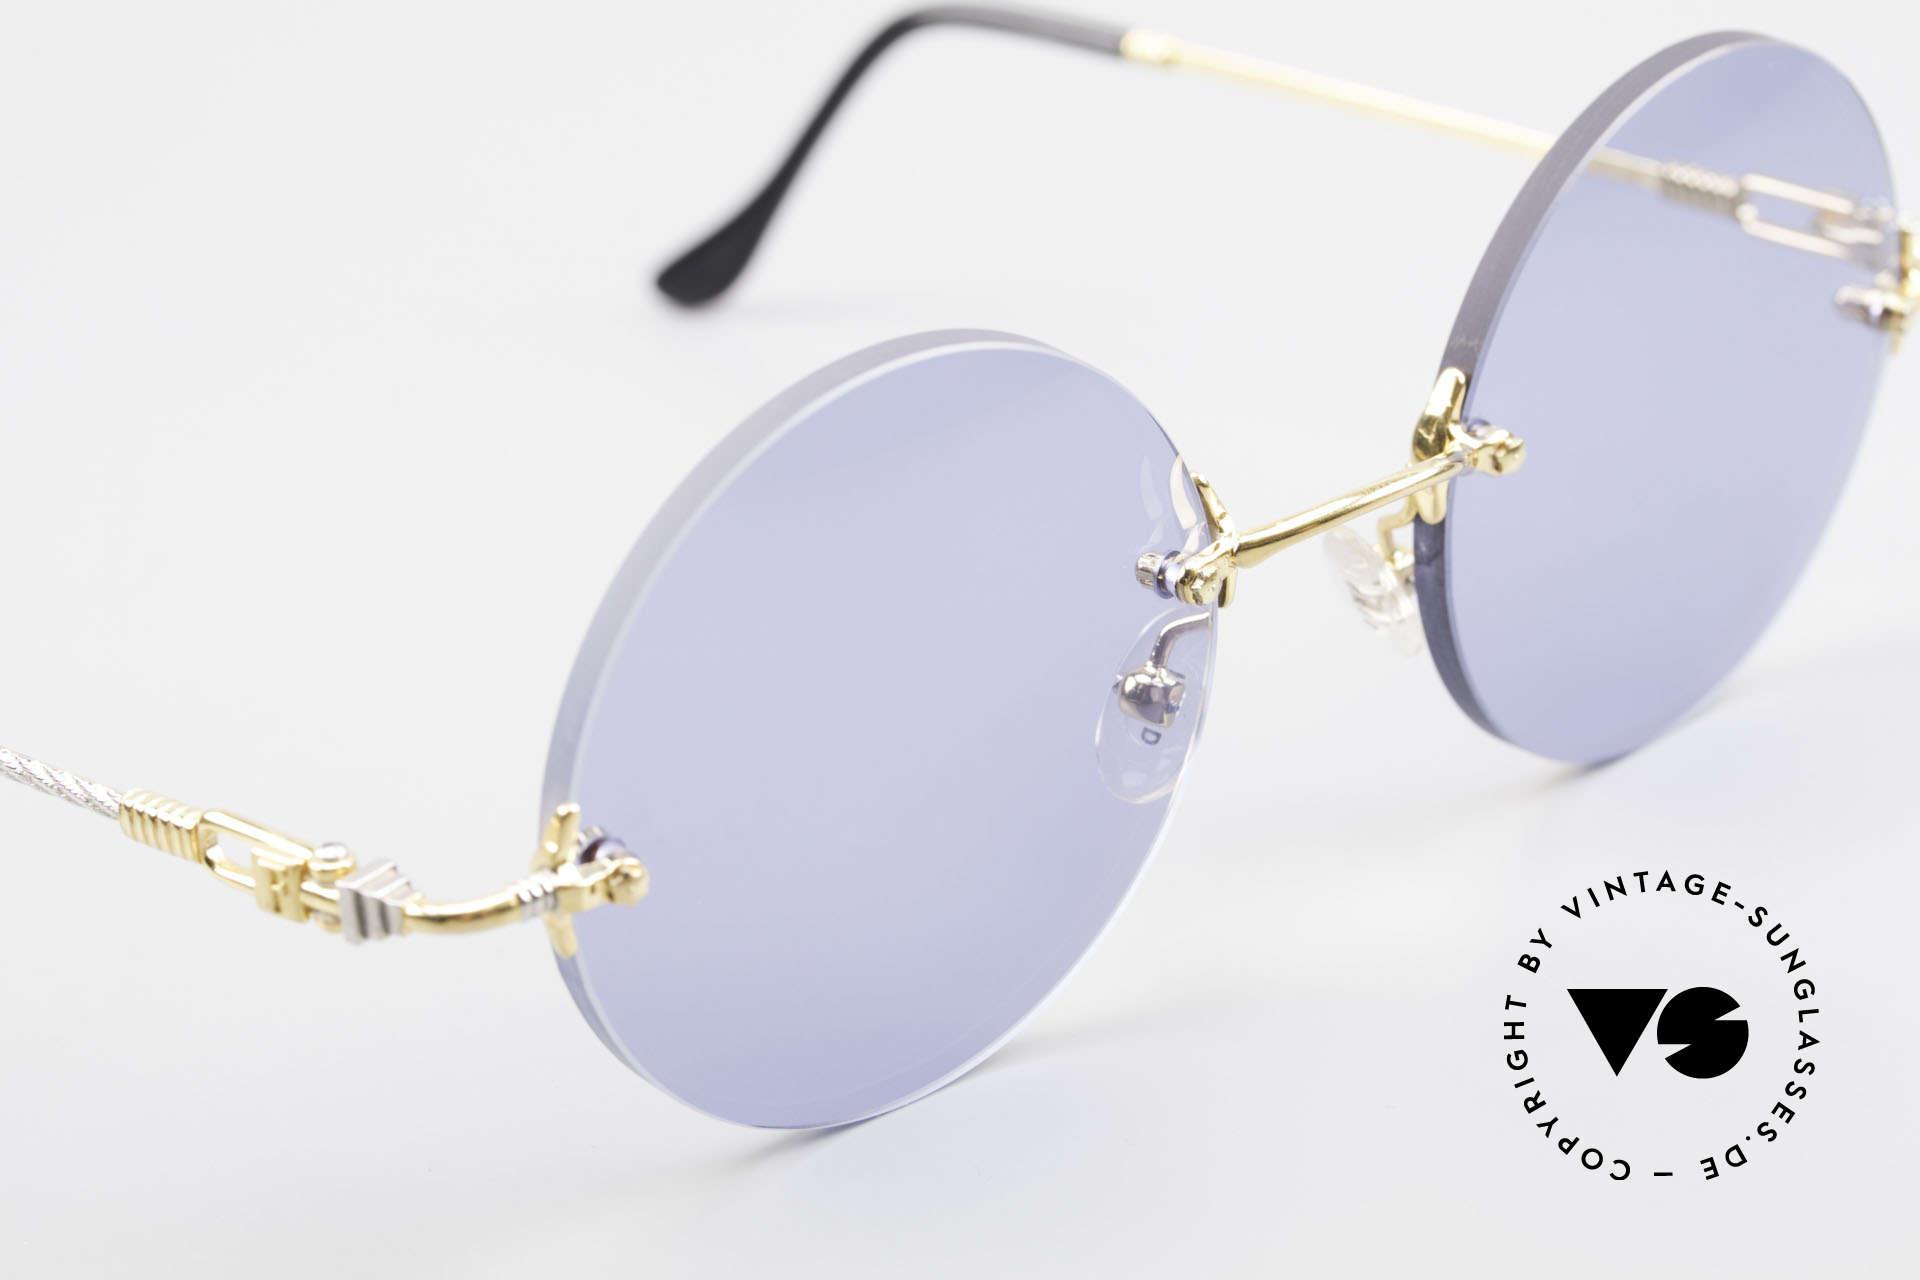 Fred Fidji Luxus Brille Rund Randlos 90er, Sonderanfertigung: werden Sie sonst nirgendwo finden!, Passend für Herren